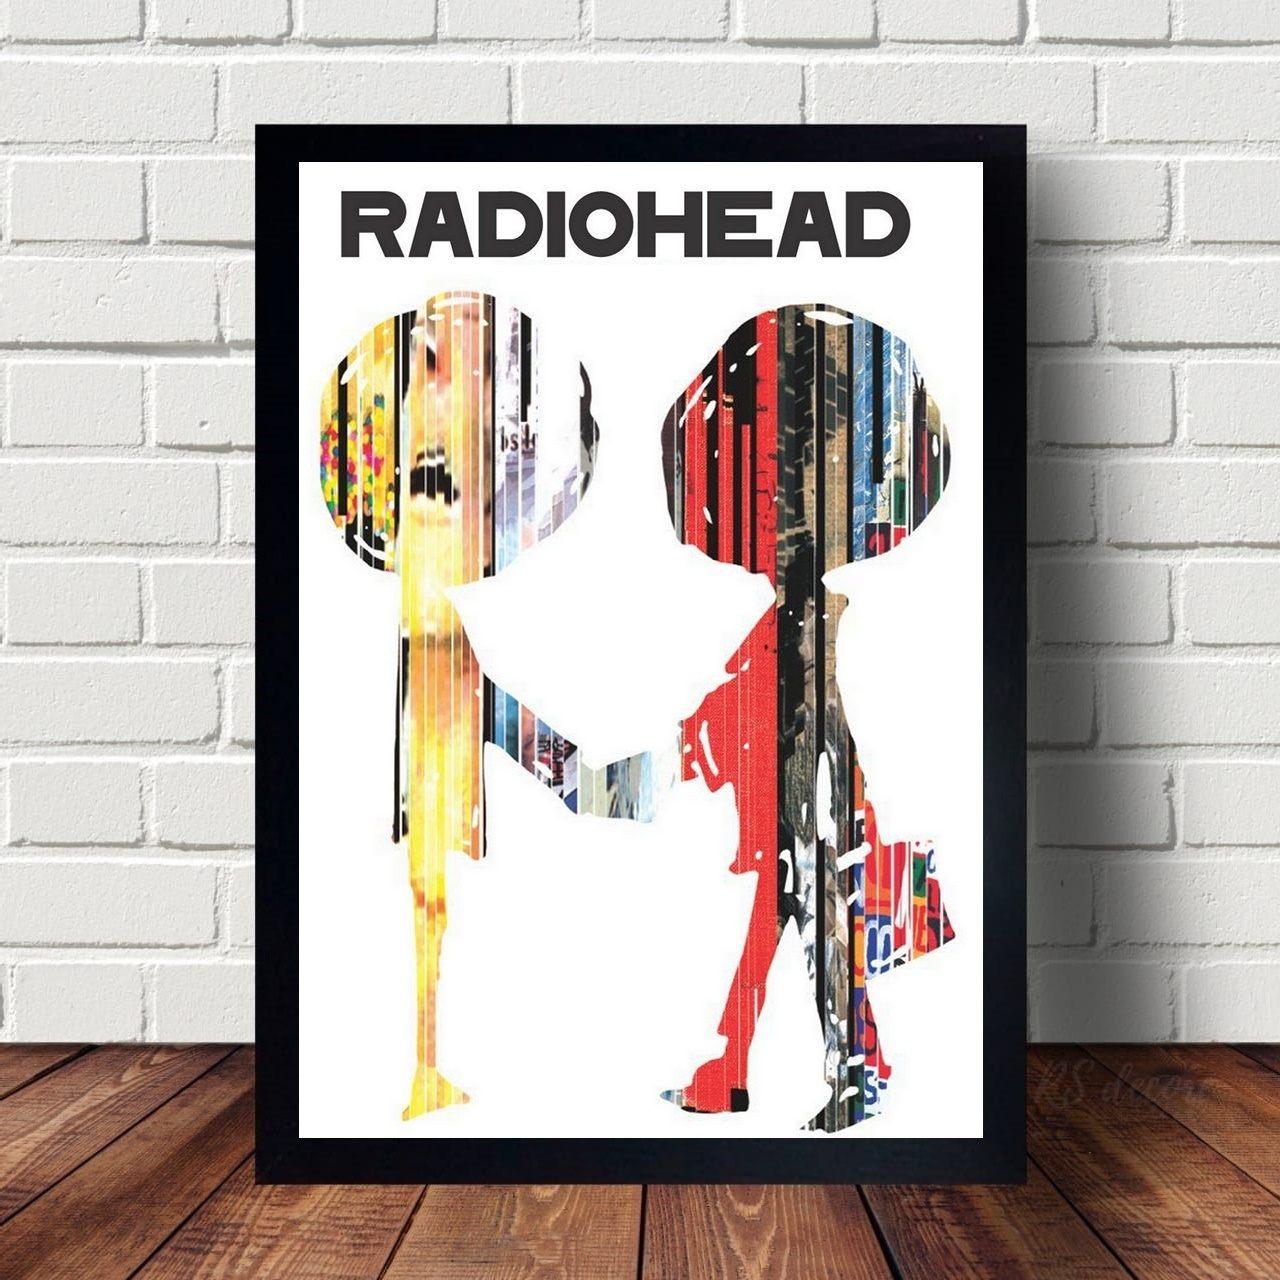 Quadro Decorativo Radiohead IX